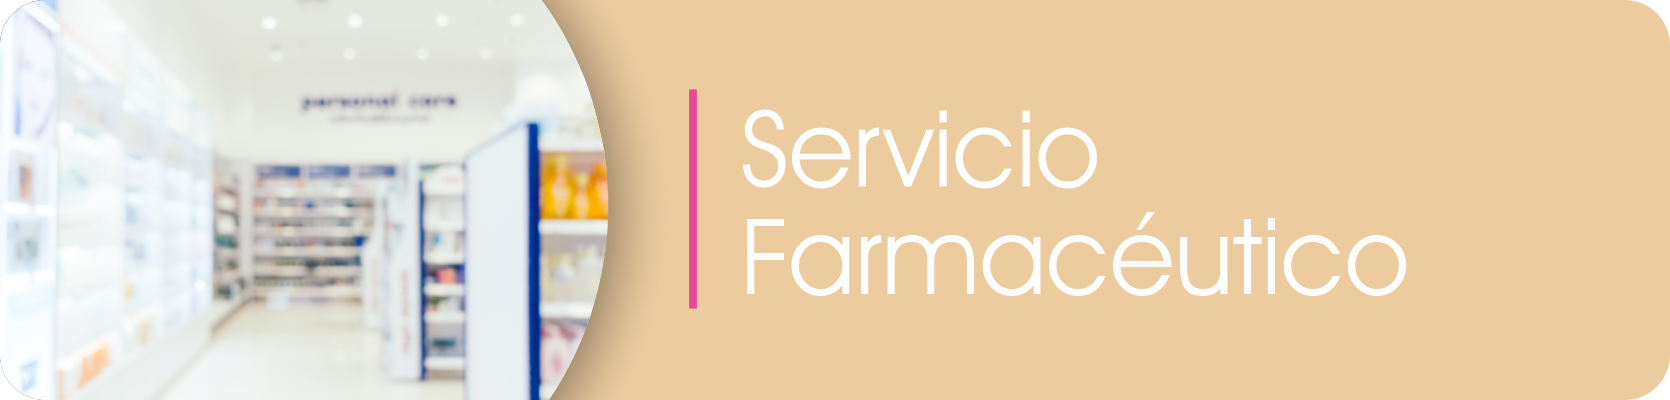 Banner Servicio Farmacéutico